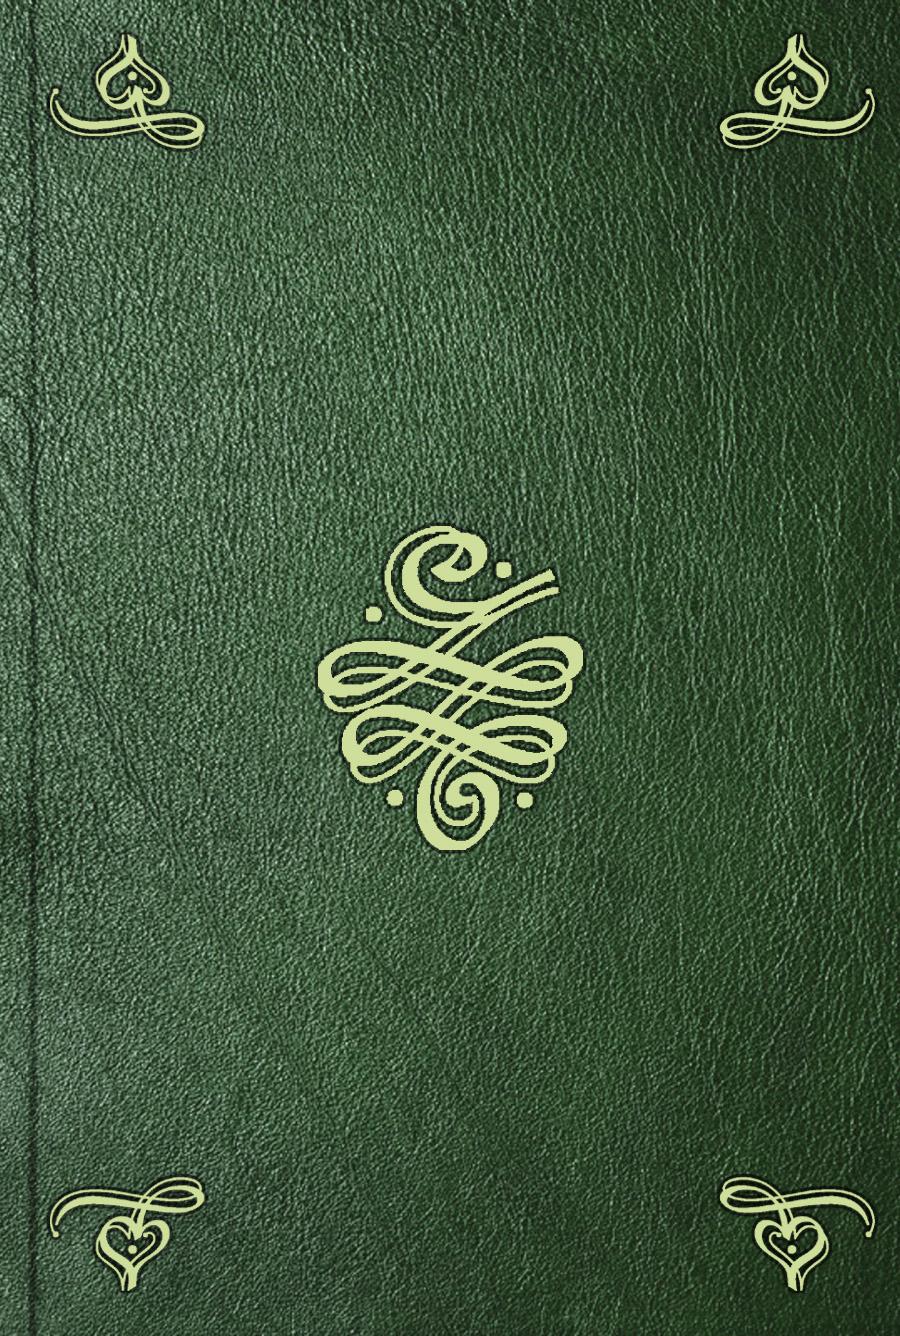 Robert Le Suire Le philosophe parvenu ou lettres et pieces originales. T. 2 erodoto alicarnasseo le nove muse t 1